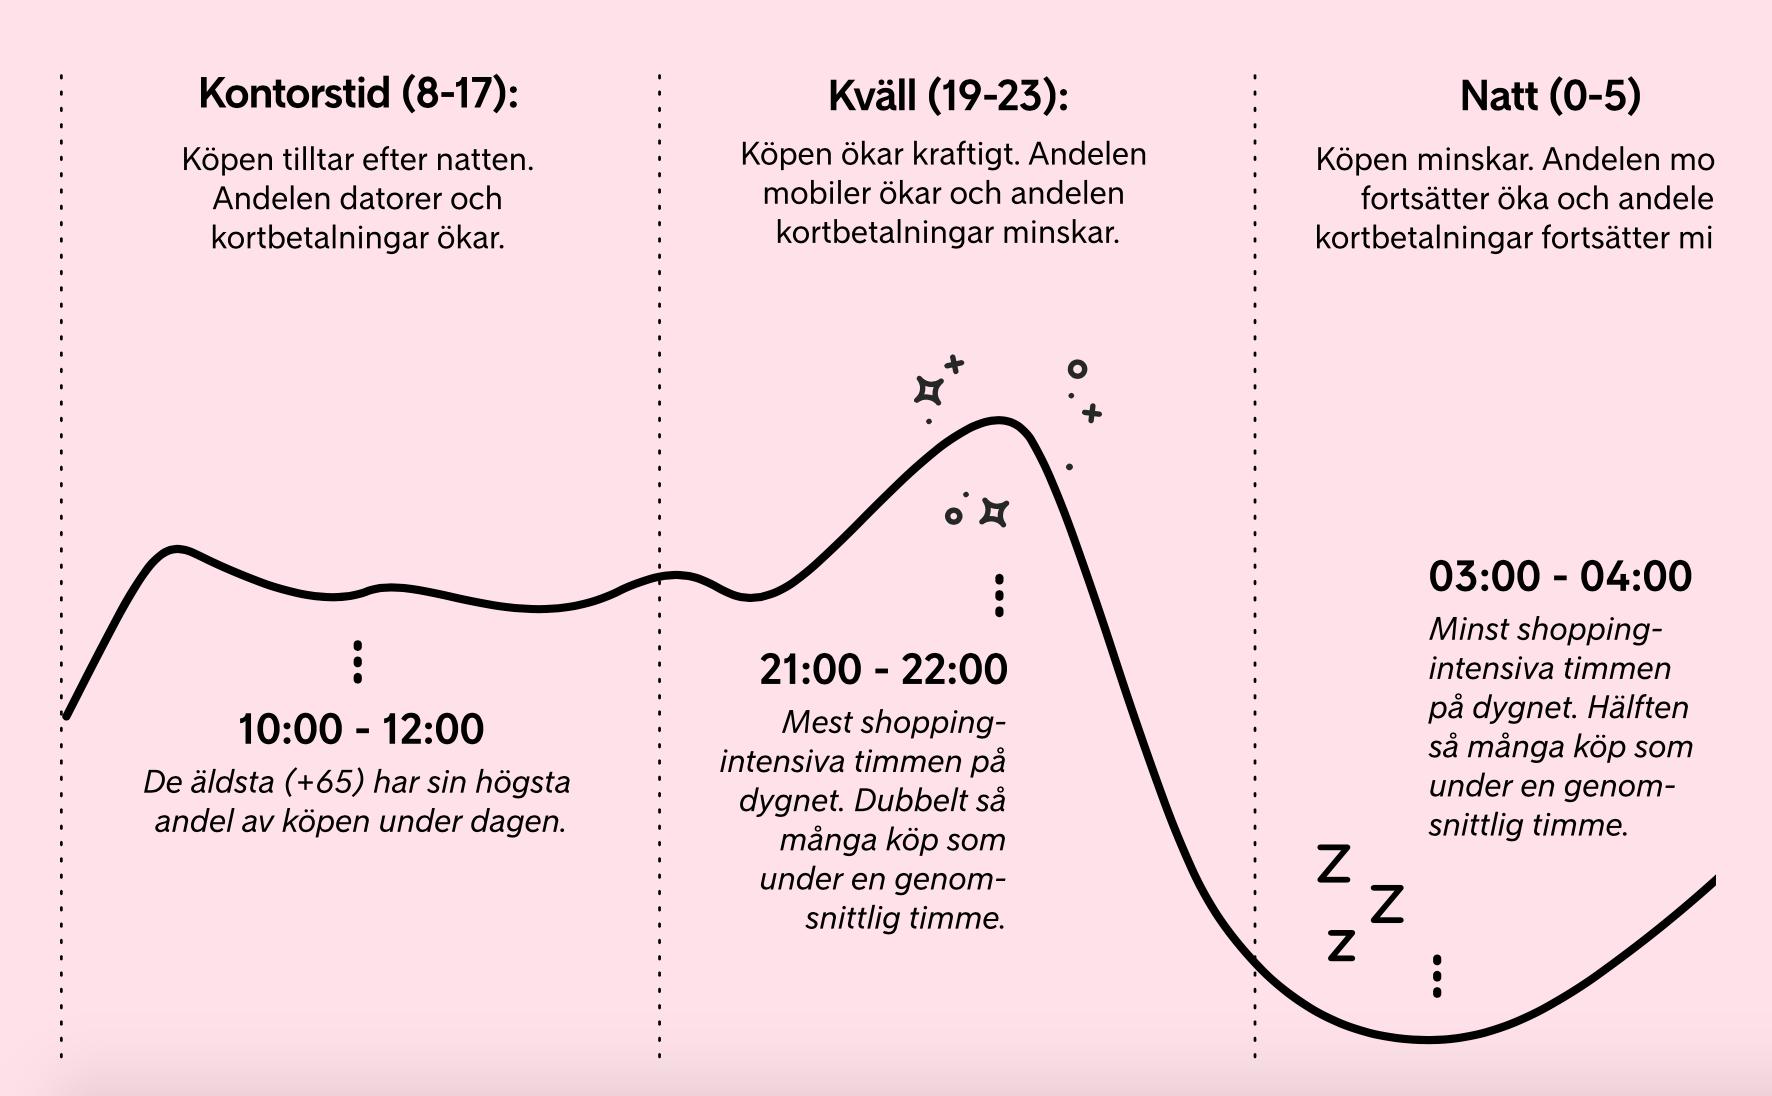 Tid på dygnet som svenskarna shoppar på nätet